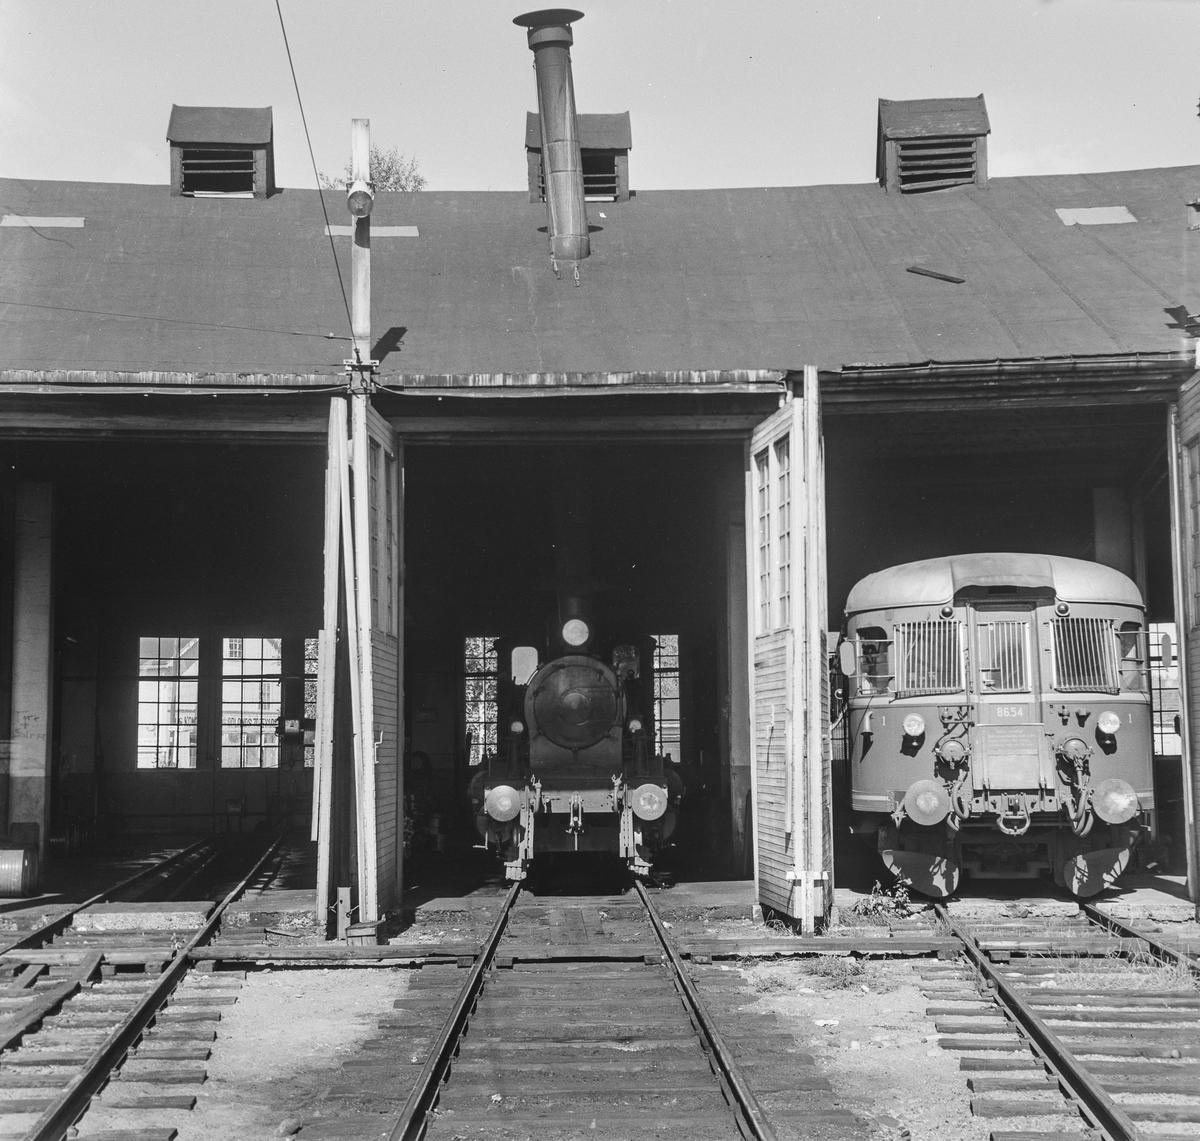 Lokomotivstallen på Kongsberg. I midten damplok type 21 nr. 225 eller 375, til høyre dieselmotorvogn type 86.